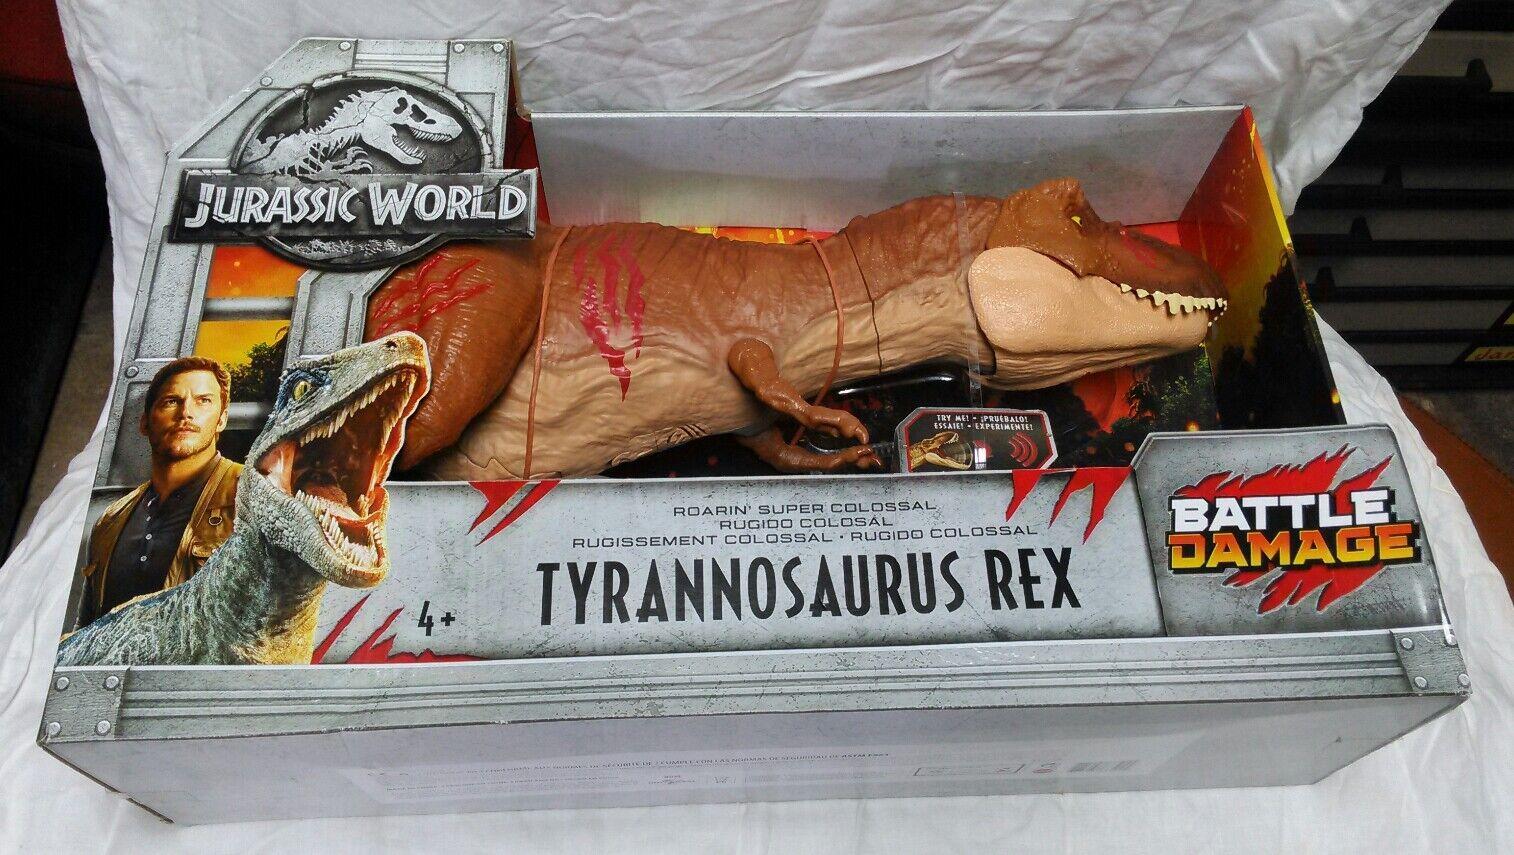 Jurassic World Ftuttien redom  Tyrannosaurus Rex Super Colossal By Mattel.  molto popolare